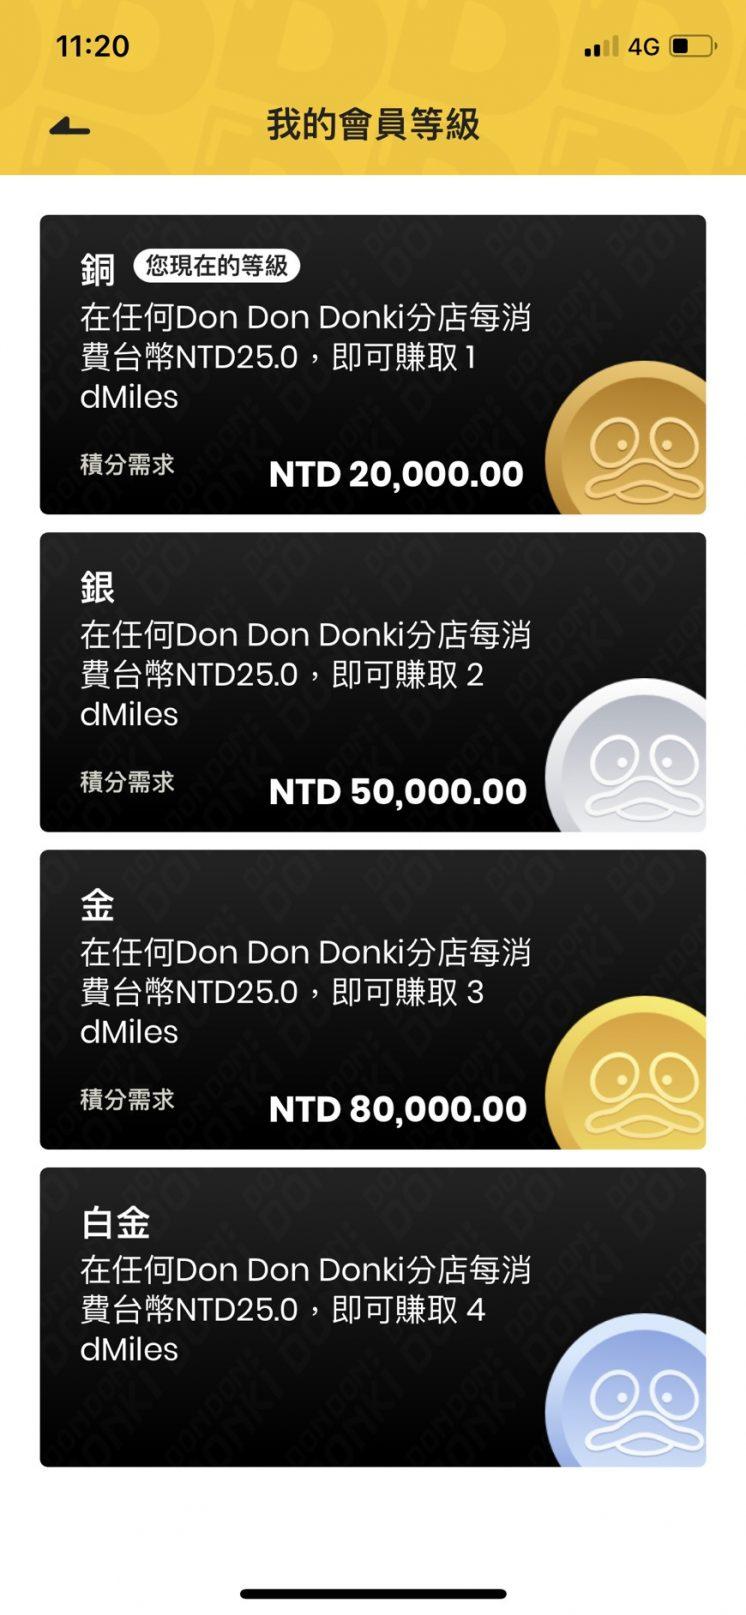 Don Don Donki 會員